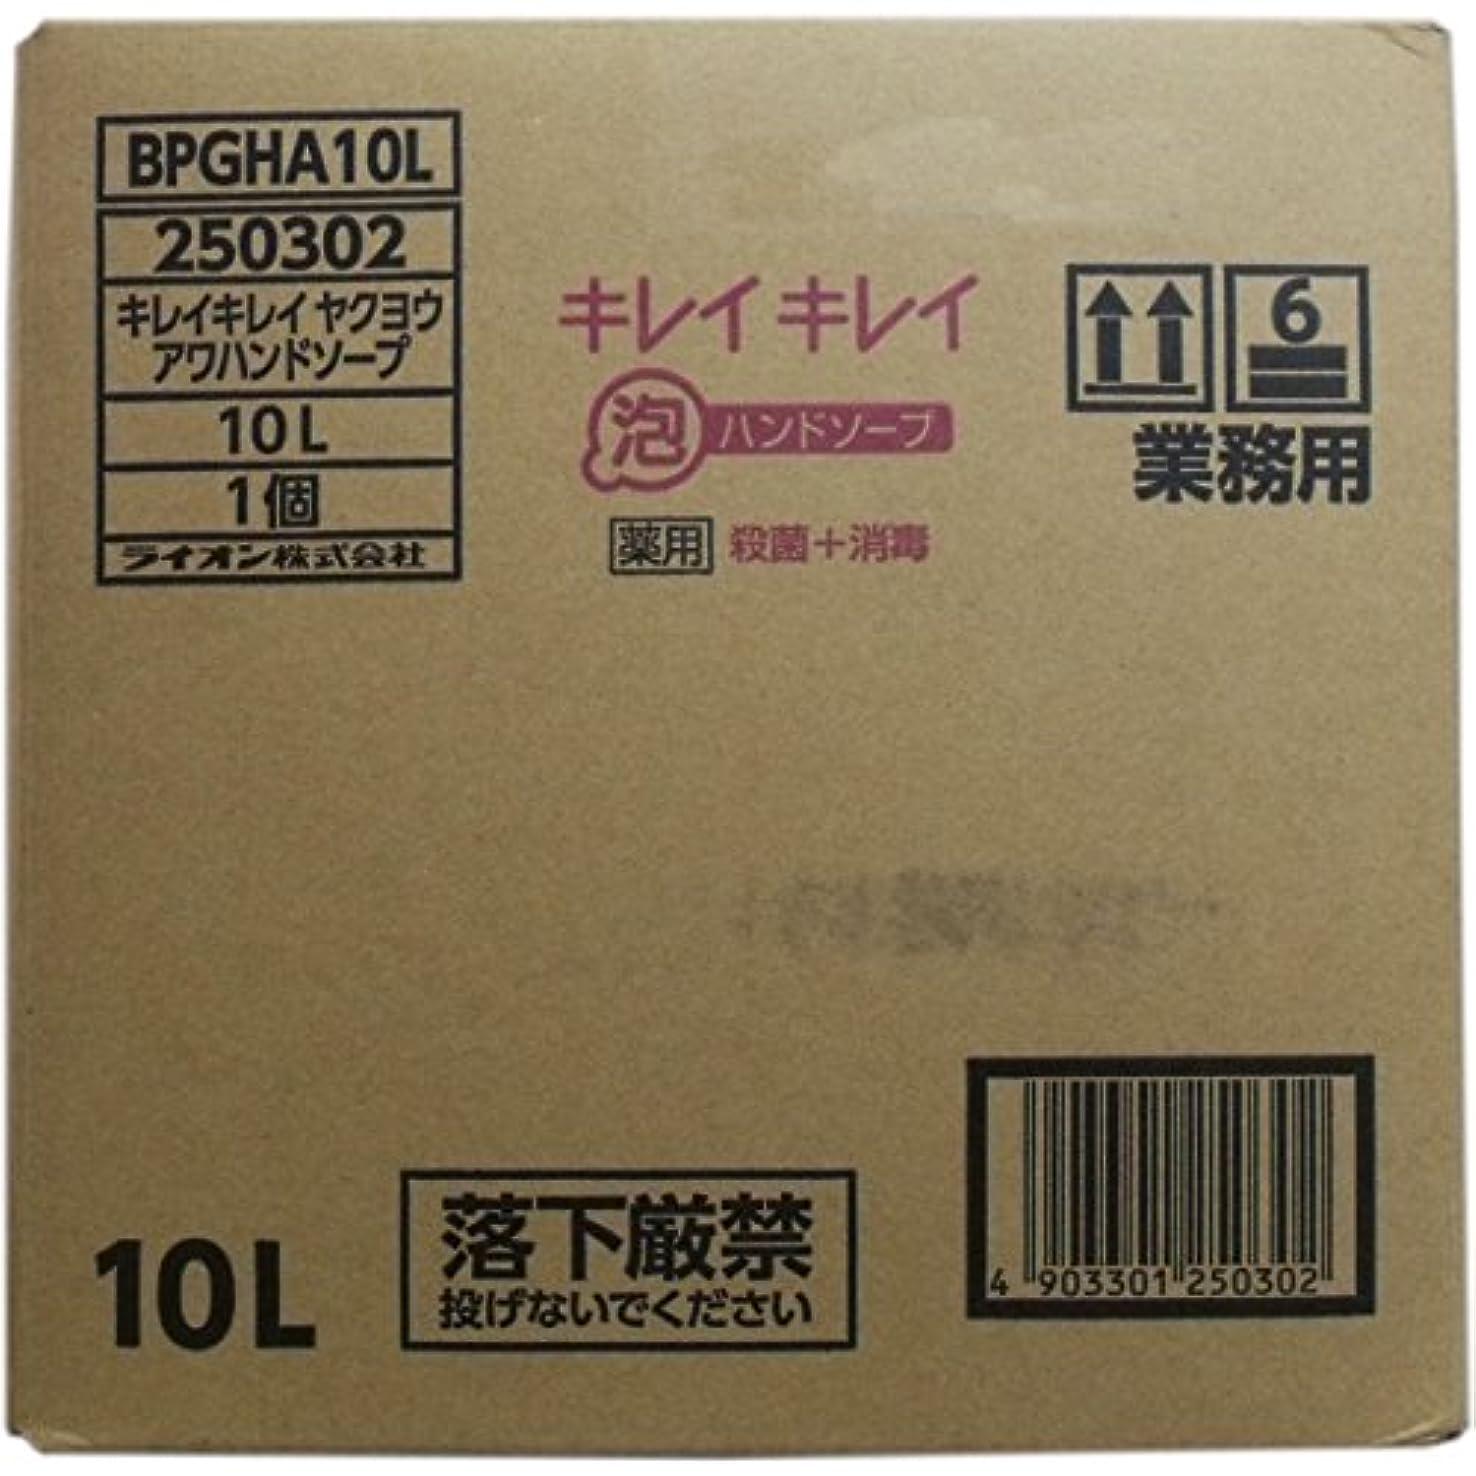 物質彼の補足業務用キレイキレイ 薬用泡ハンドソープ 10L×2個セット